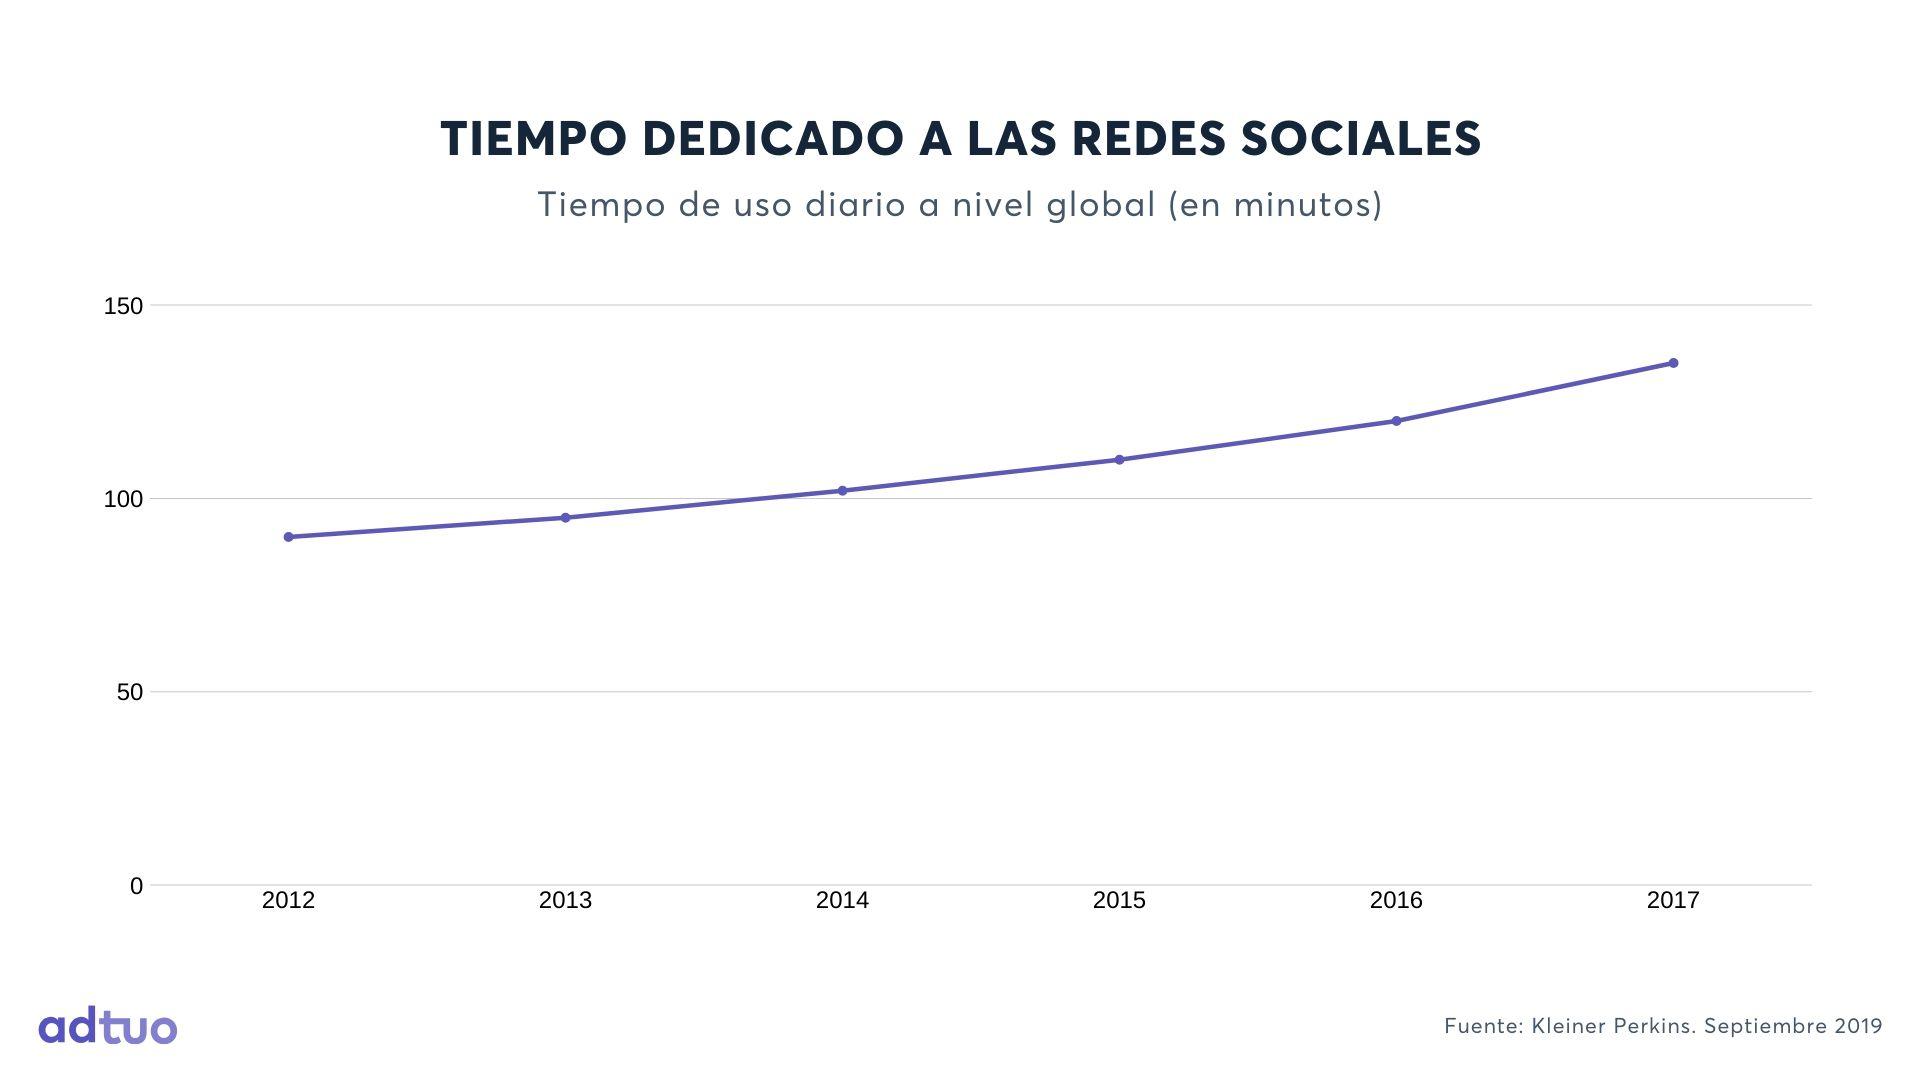 Tiempo dedicado a las redes sociales